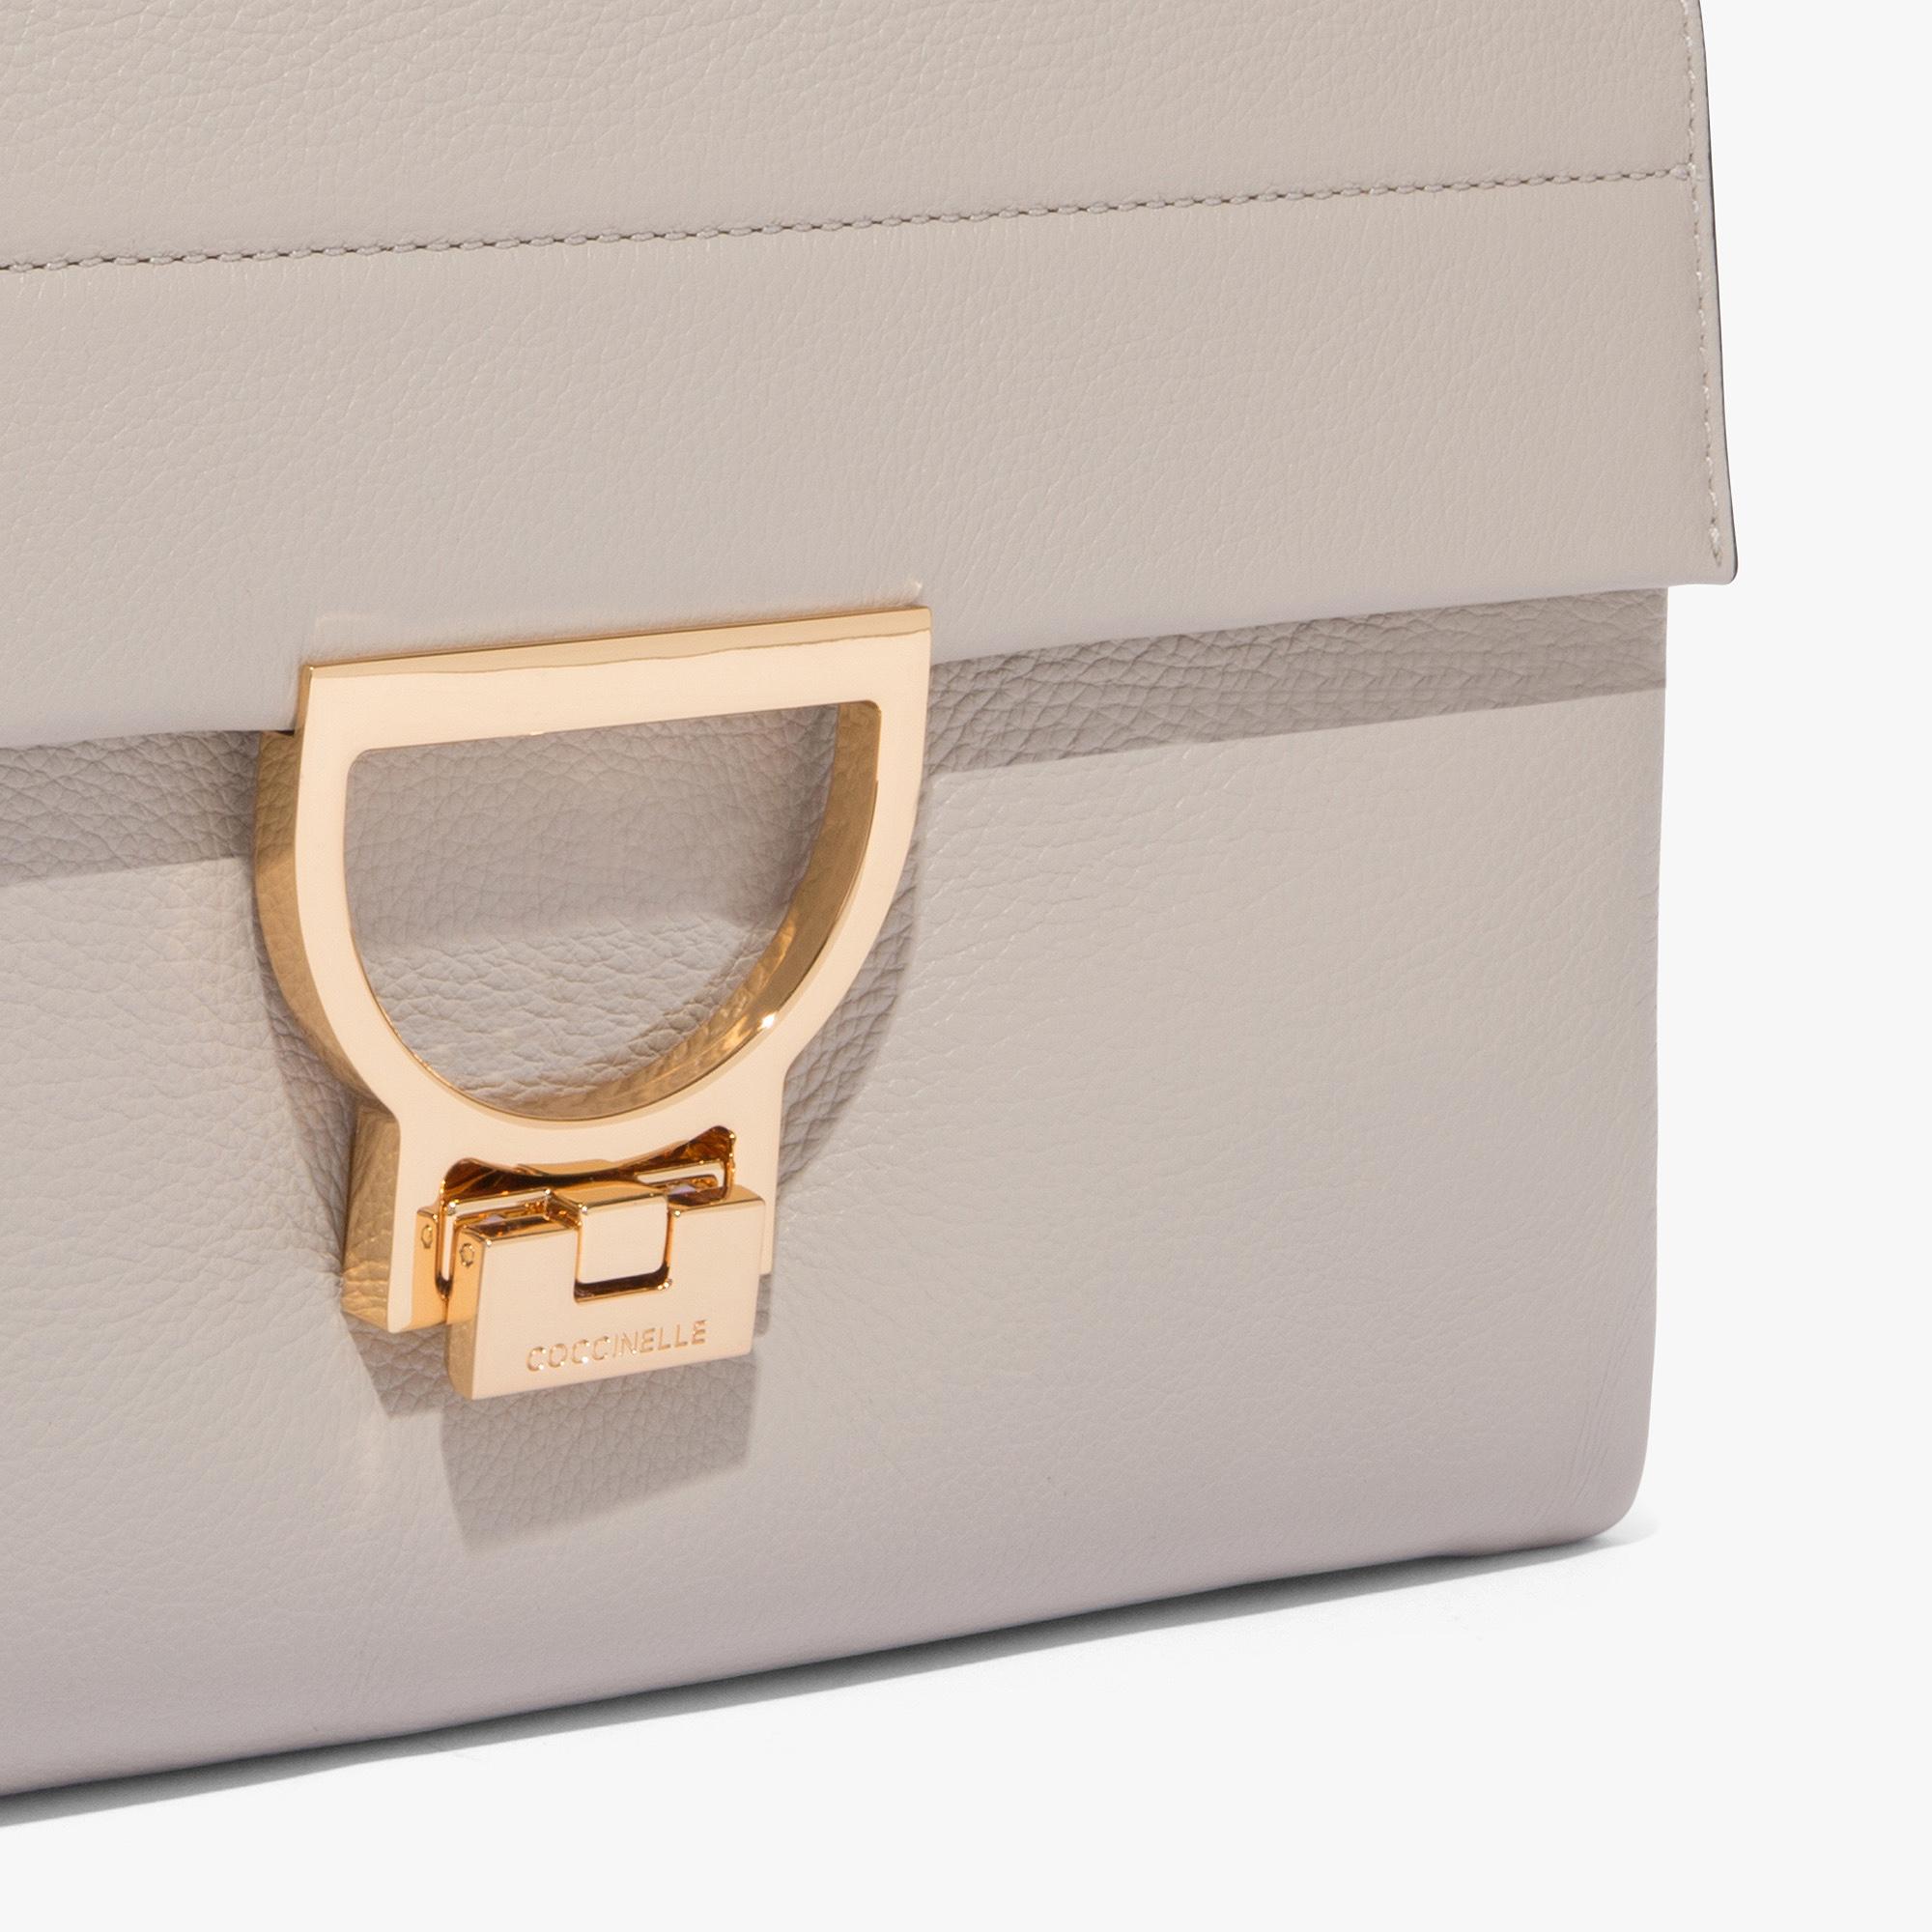 Arlettis leather bag with single shoulder strap